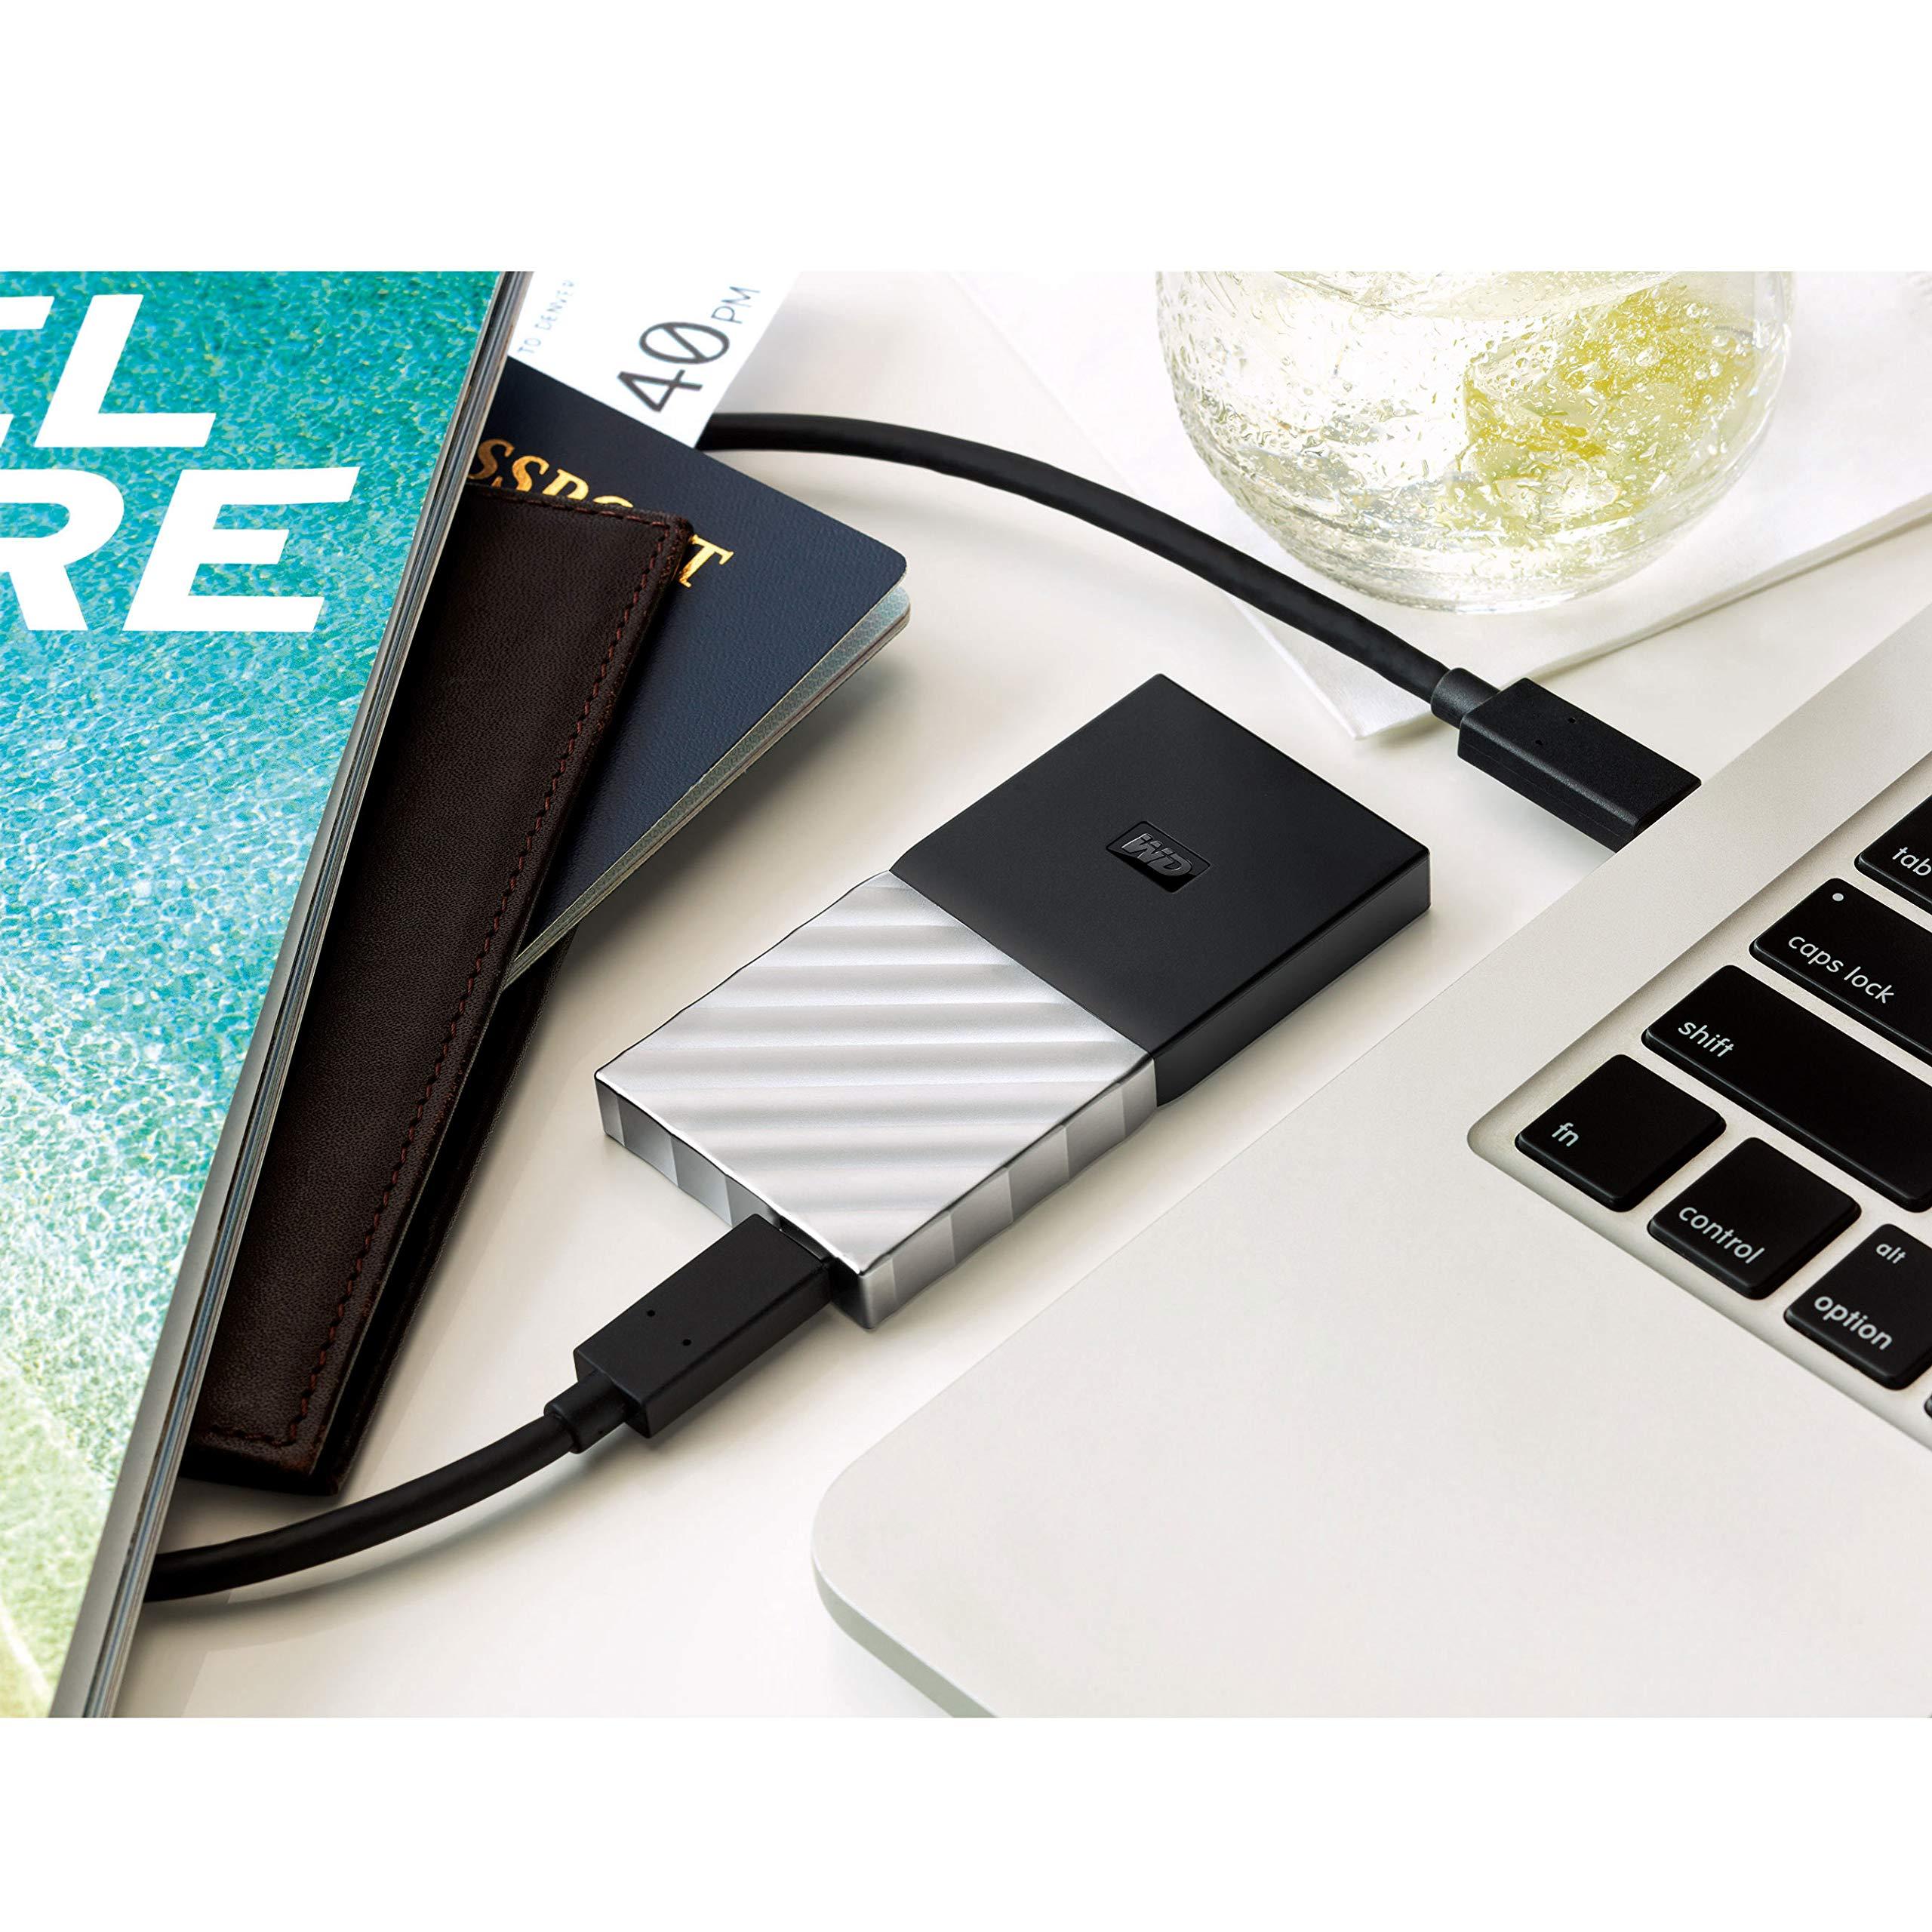 WD 2TB My Passport SSD Portable Storage - USB 3.1 - Black-Gray - WDBKVX0020PSL-WESN by Western Digital (Image #4)